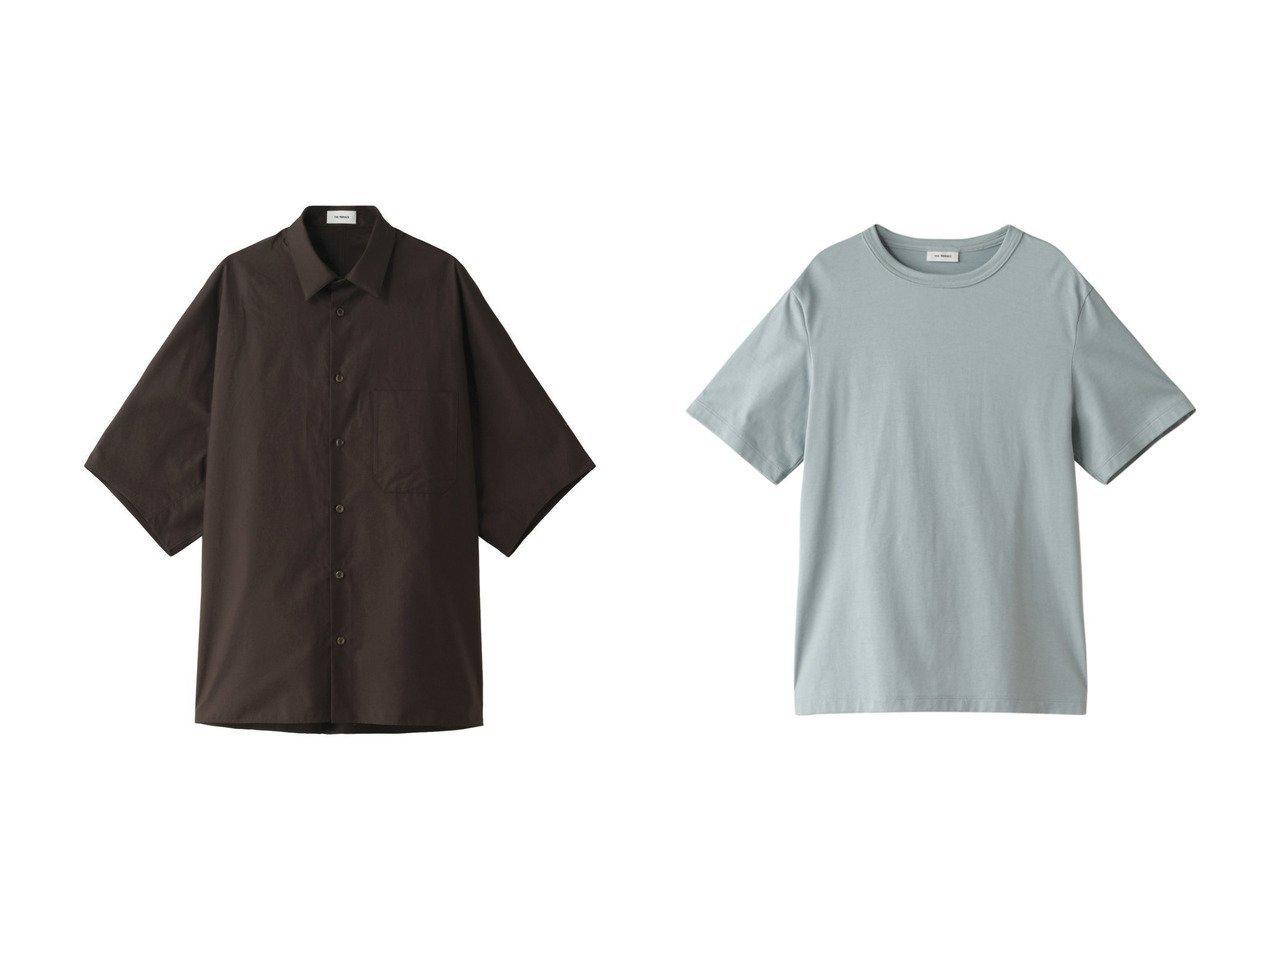 【THE RERACS / MEN/ザ リラクス】の【MEN】ベーシックTシャツ&【MEN】コットンドルマンシャツ 【MEN】男性のおすすめ!人気トレンド・メンズファッションの通販 おすすめで人気の流行・トレンド、ファッションの通販商品 メンズファッション・キッズファッション・インテリア・家具・レディースファッション・服の通販 founy(ファニー) https://founy.com/ ファッション Fashion メンズファッション MEN トップス Tops Tshirt Men シャツ Shirts 2021年 2021 2021 春夏 S/S SS Spring/Summer 2021 S/S 春夏 SS Spring/Summer シンプル スリーブ ロング 半袖 春 Spring  ID:crp329100000015223